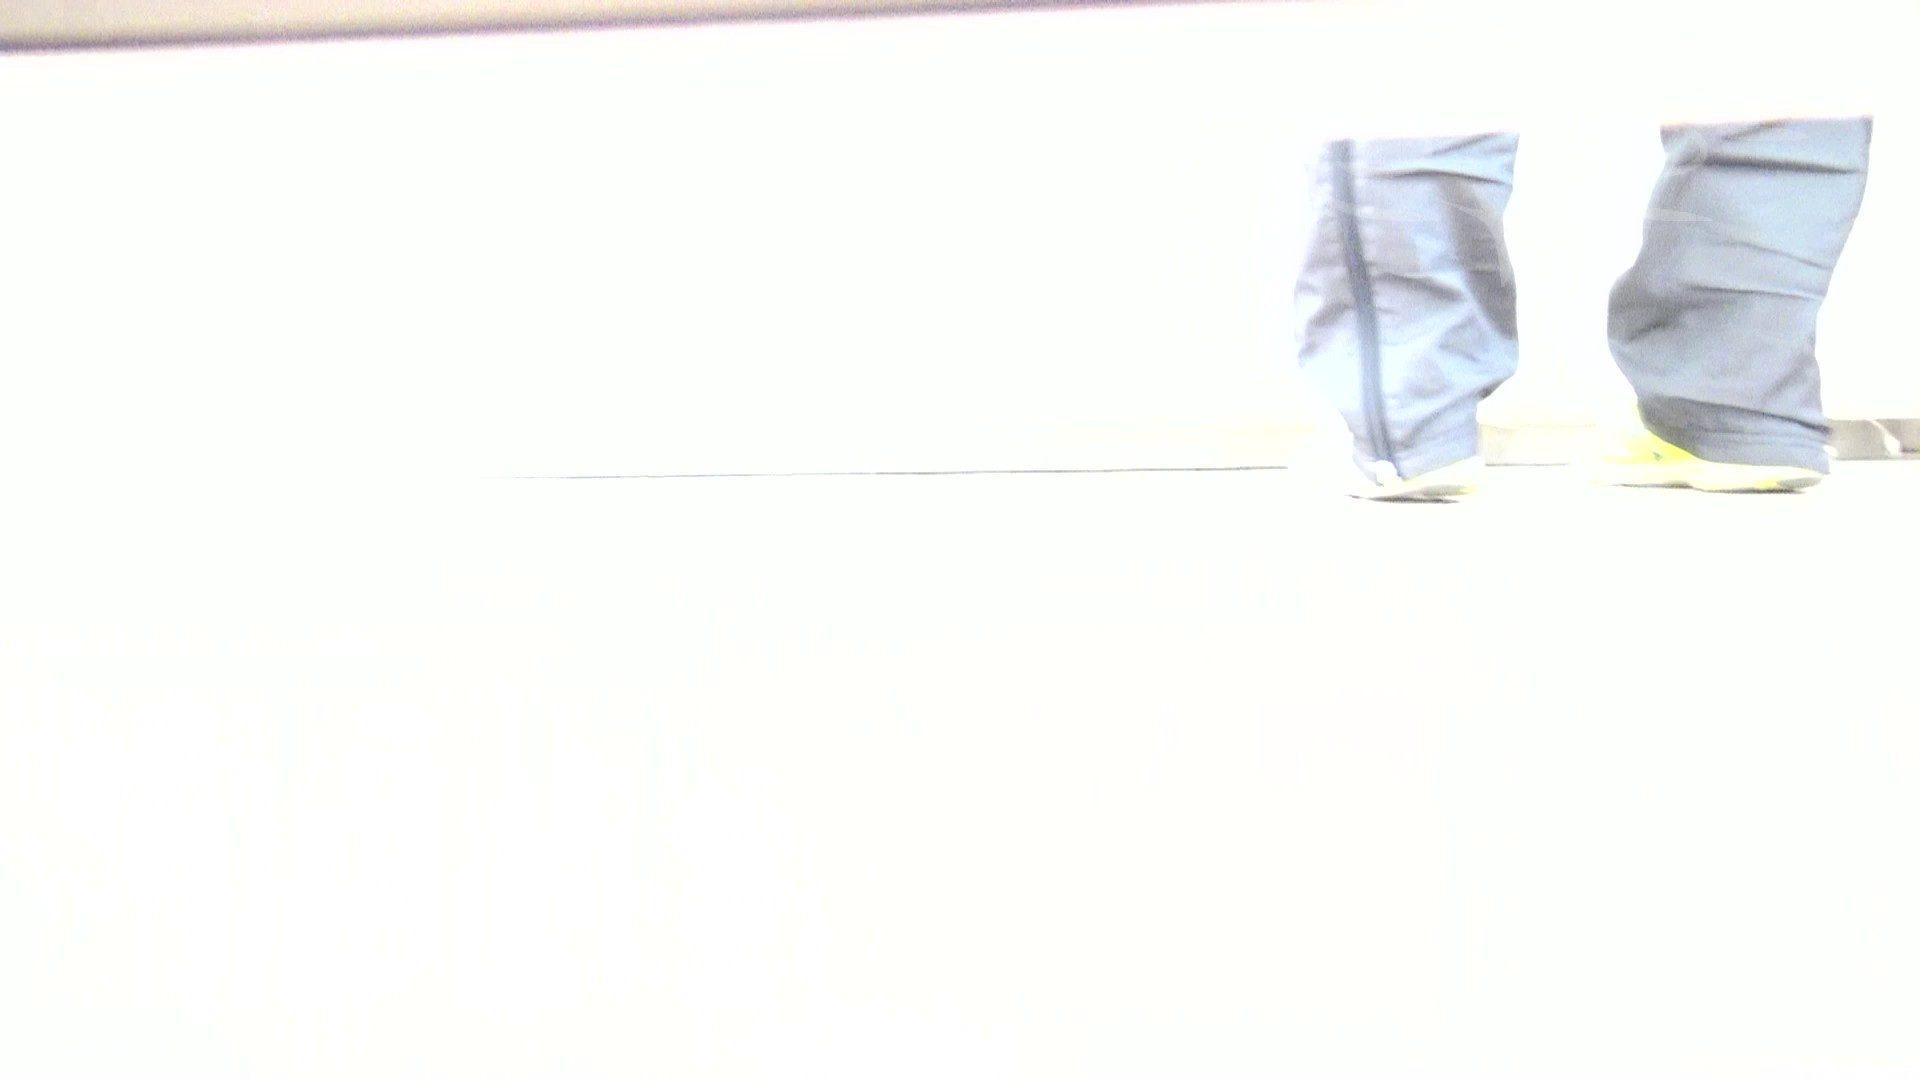 ▲期間限定D▲至高洗面所盗撮 23 至高下方撮りちょいと2カメ!! 洗面所 | 盗撮  92pic 89